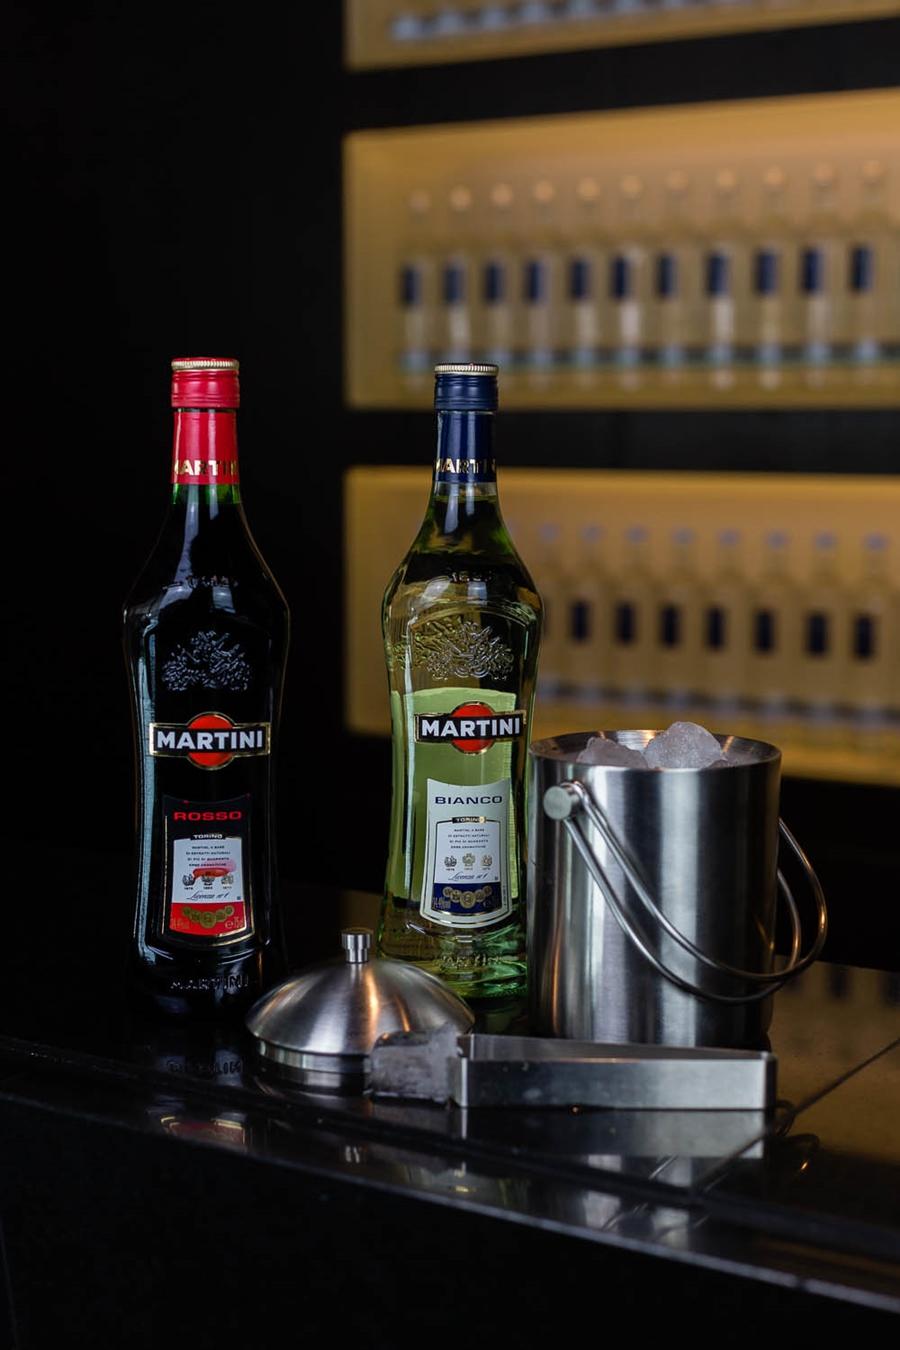 rosso bianco martini cocktail